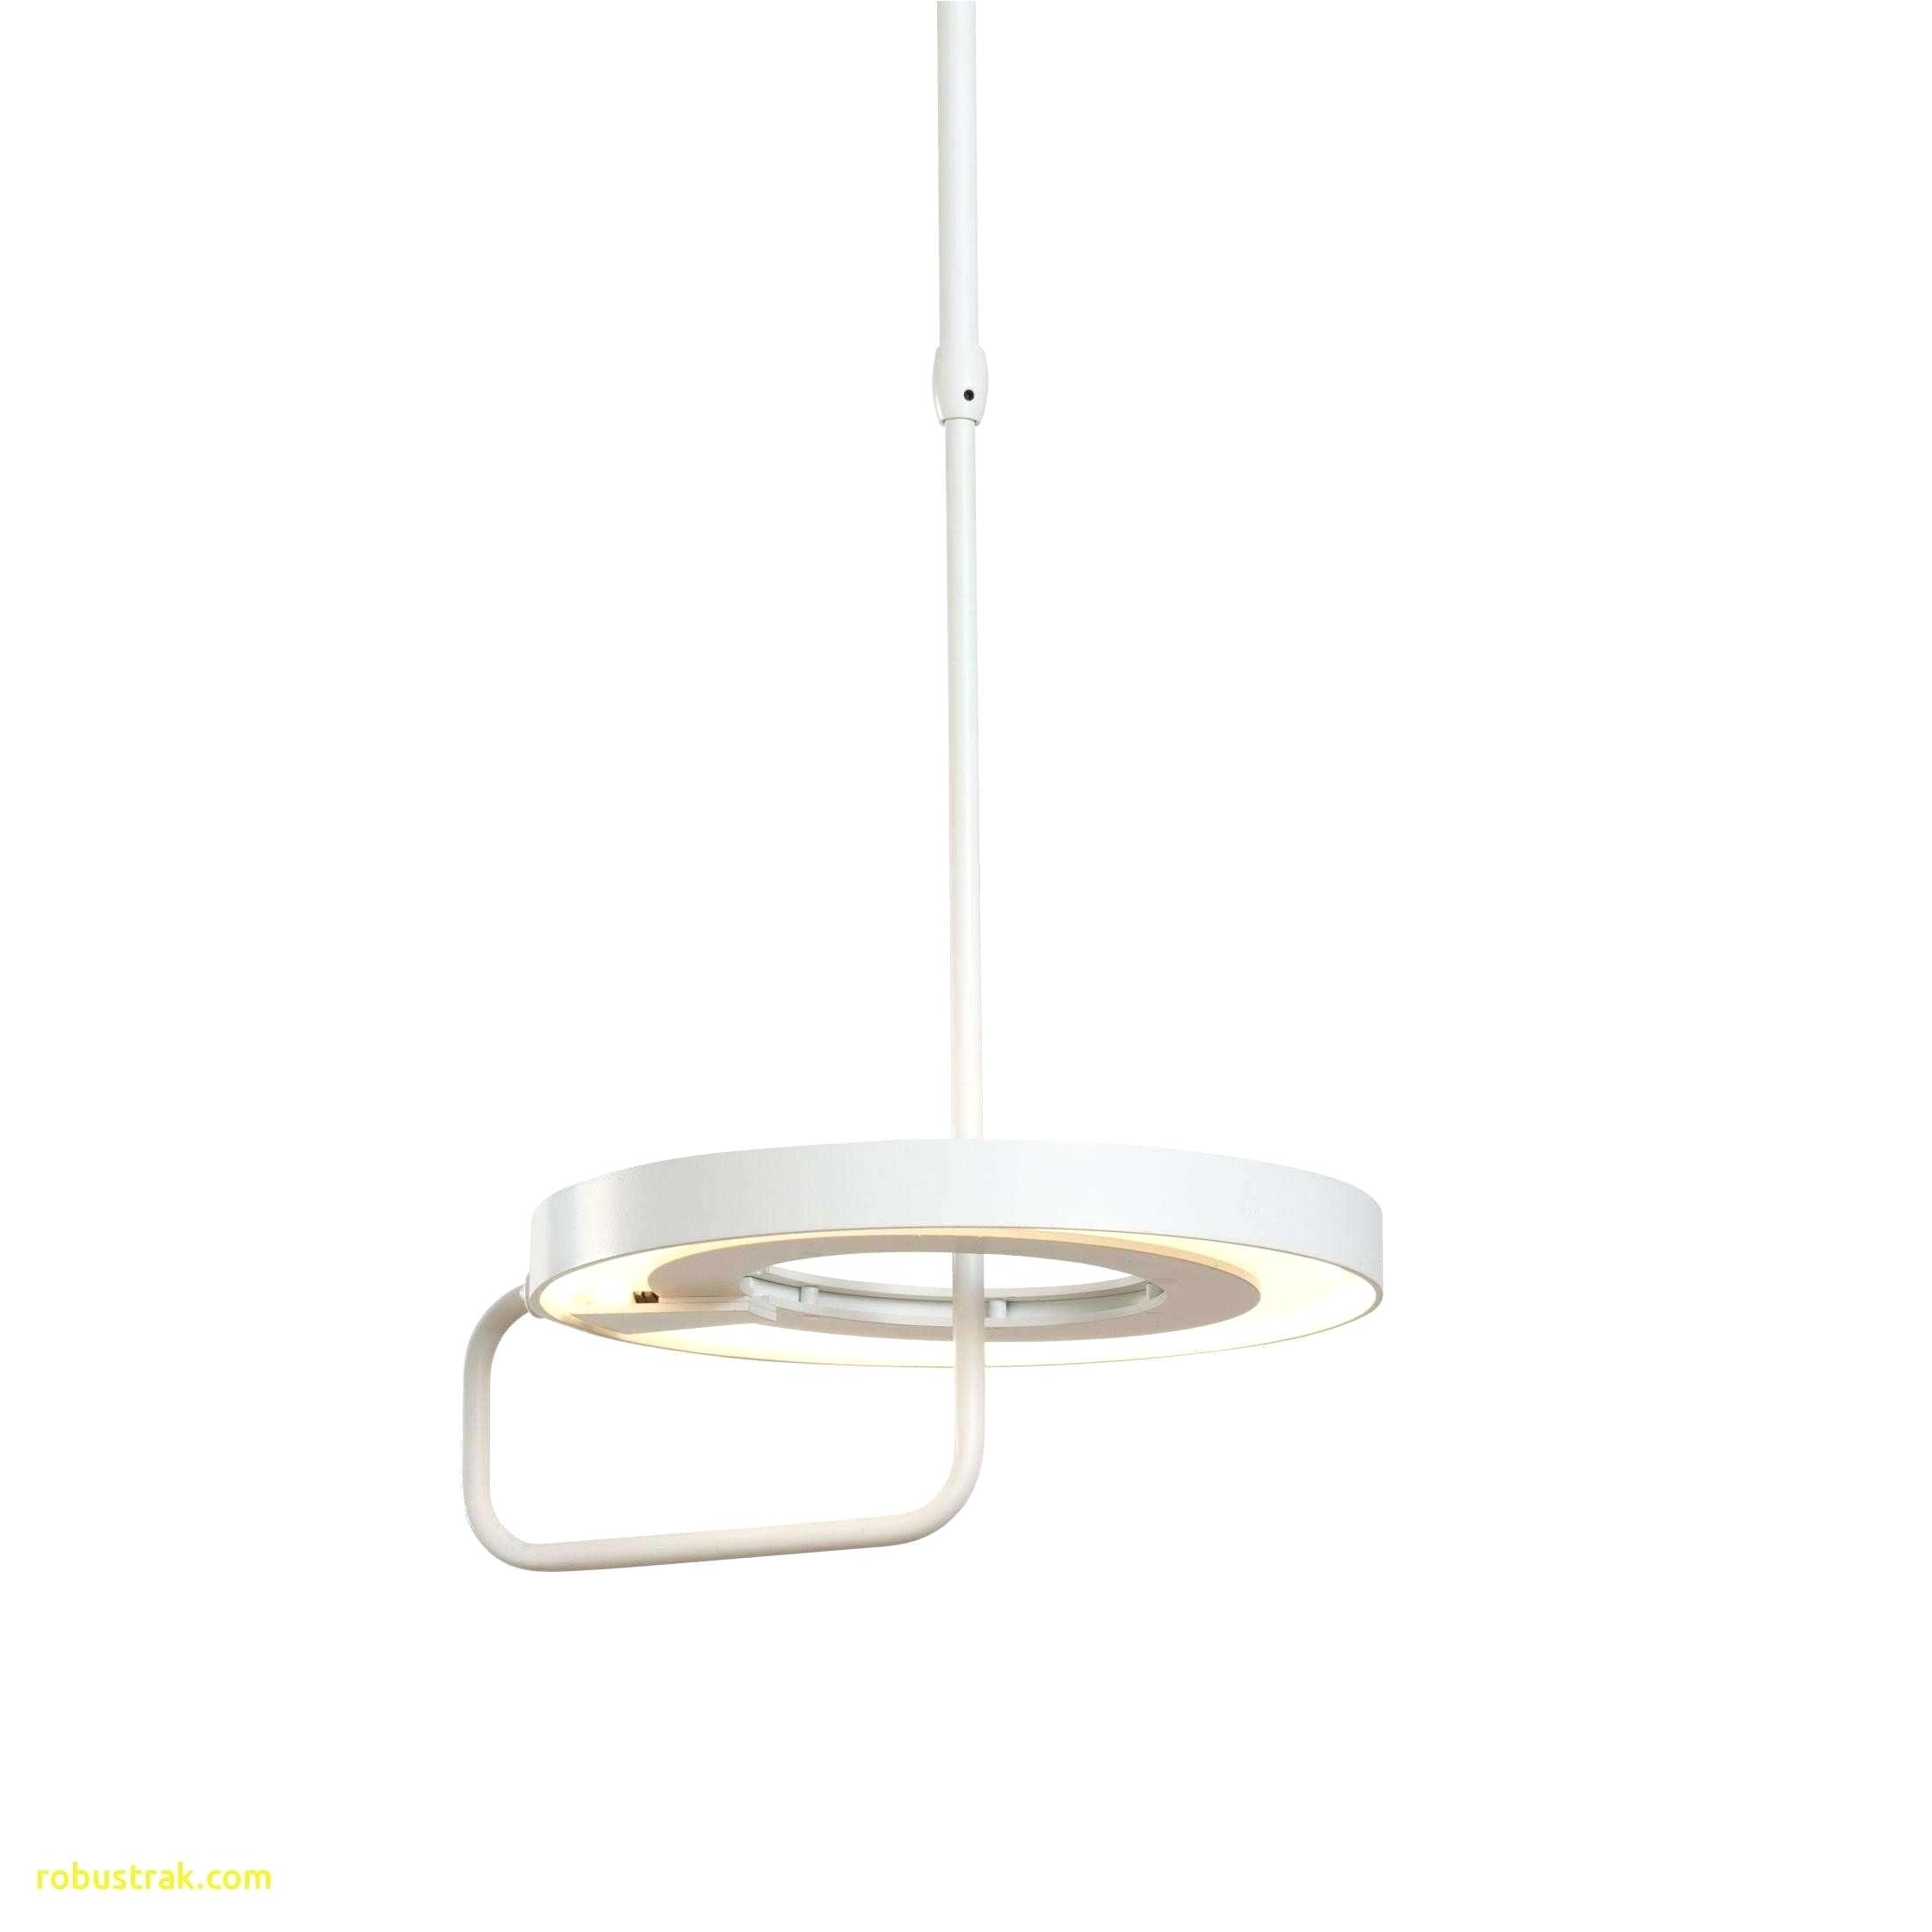 Chandelier Lighting Kit Unique 3 Pendant Lighting Fixture